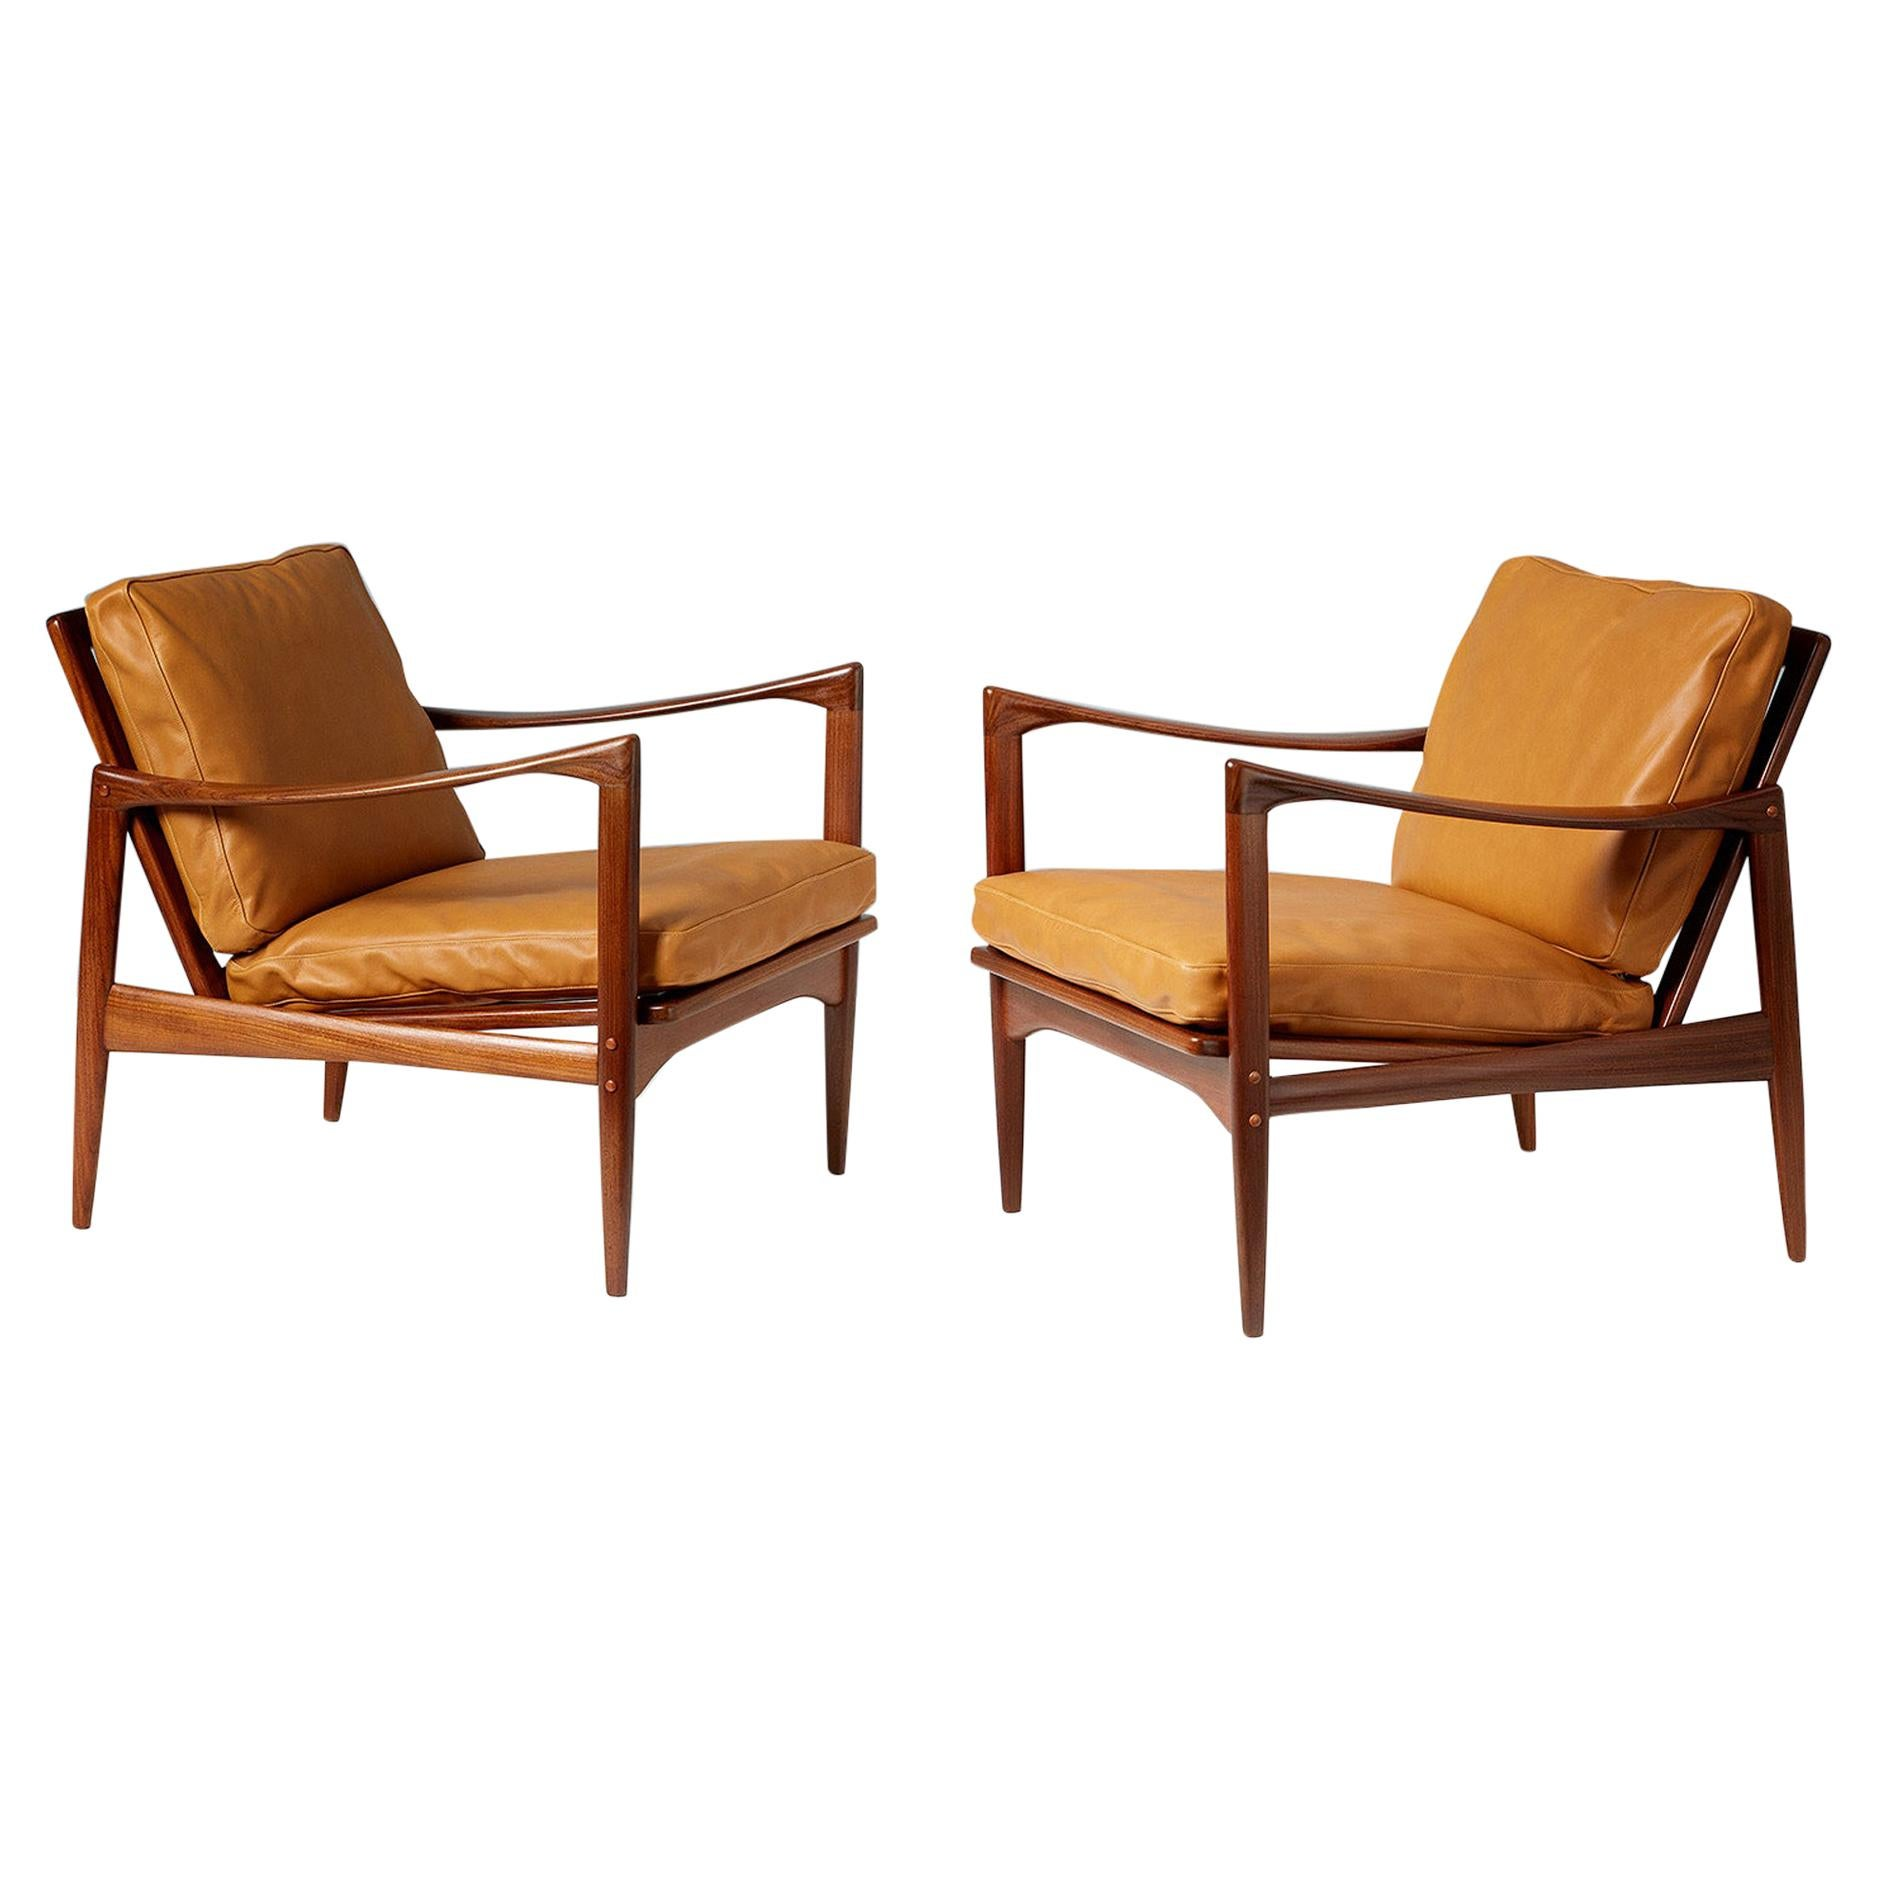 Ib Kofod-Larsen Afromosia Teak Candidate Lounge Chairs, circa 1960